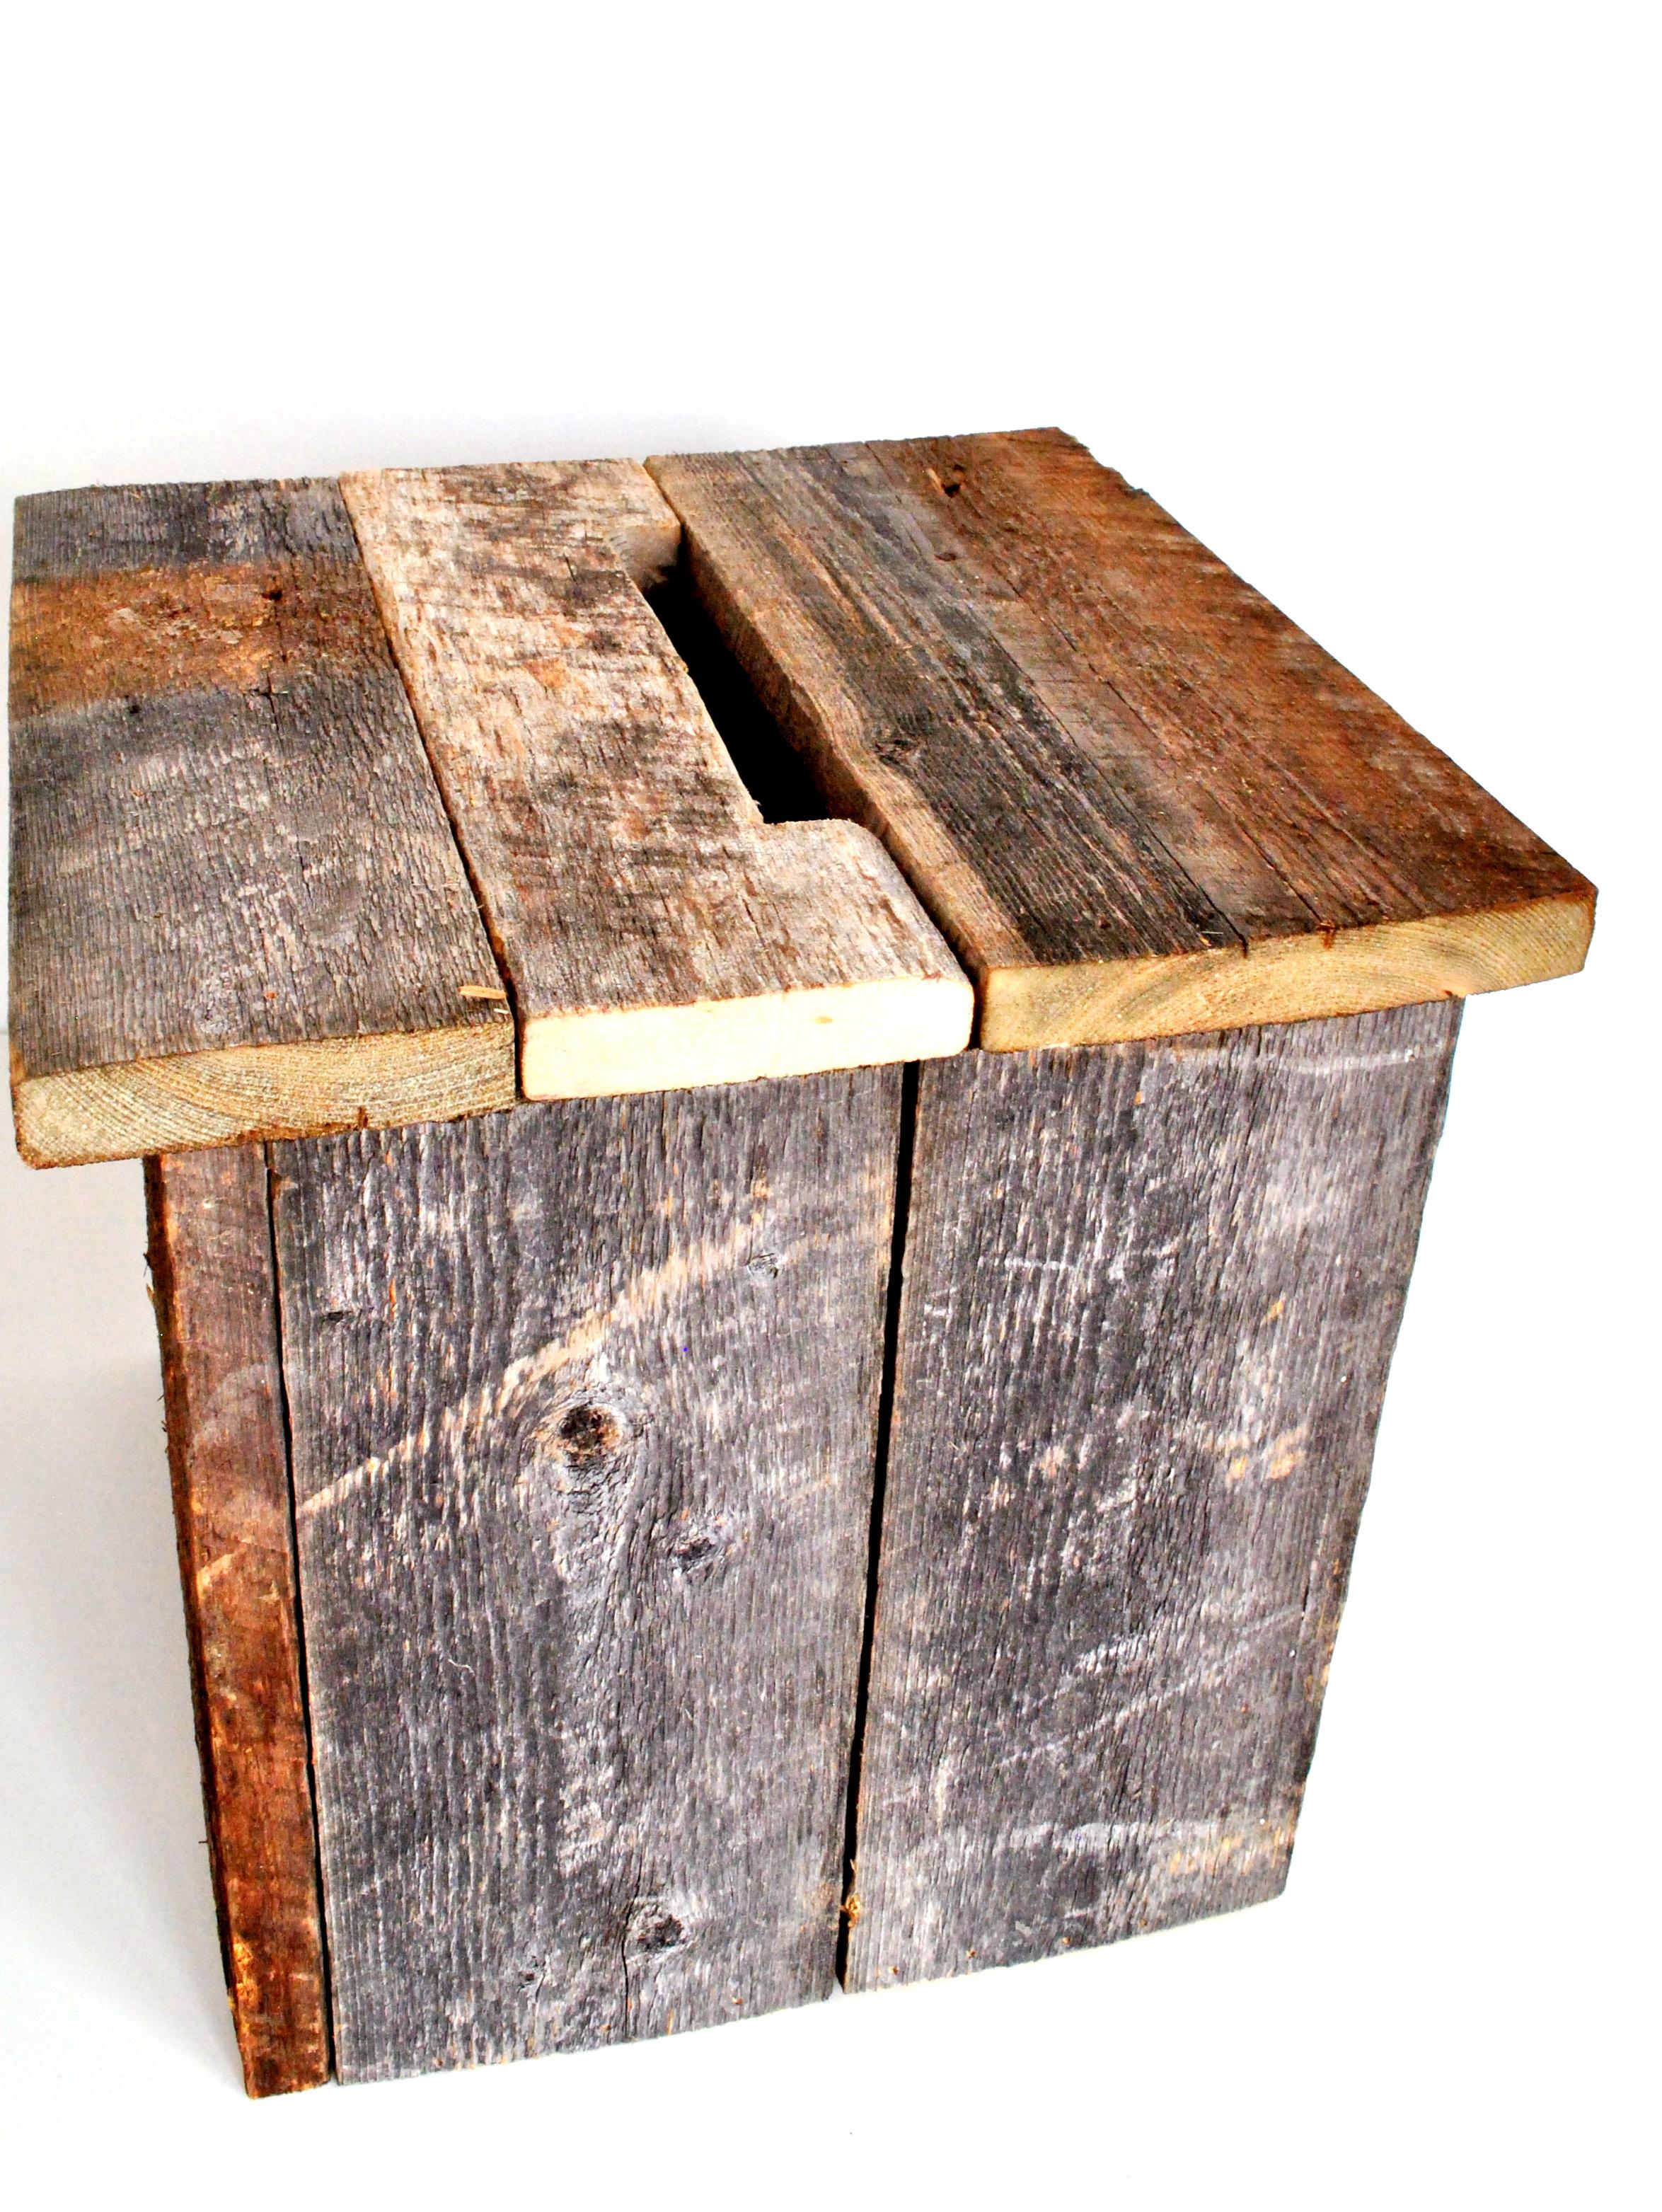 Barn Wood Card Box